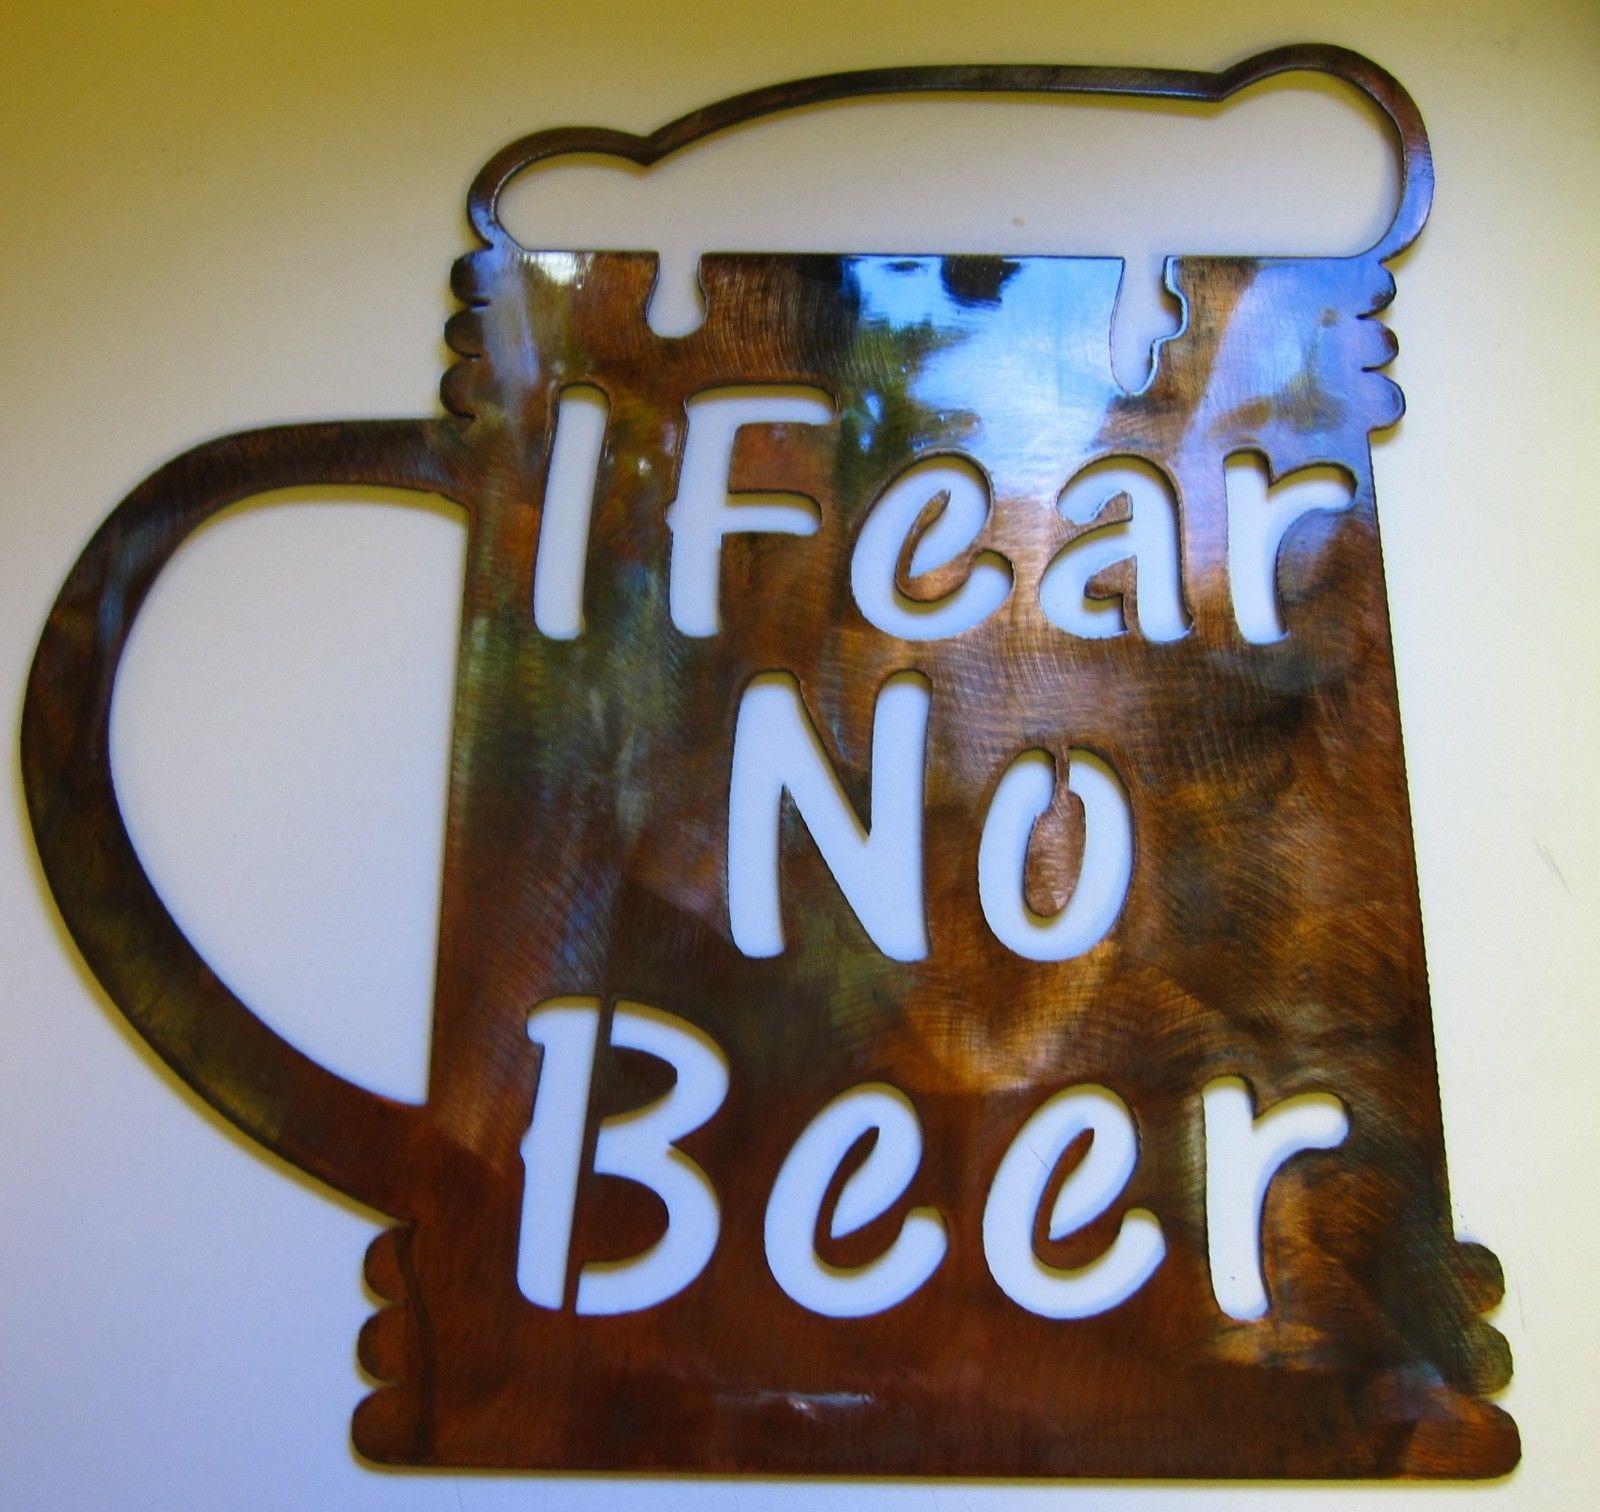 I Fear No Beer Metal Wall Art Decor